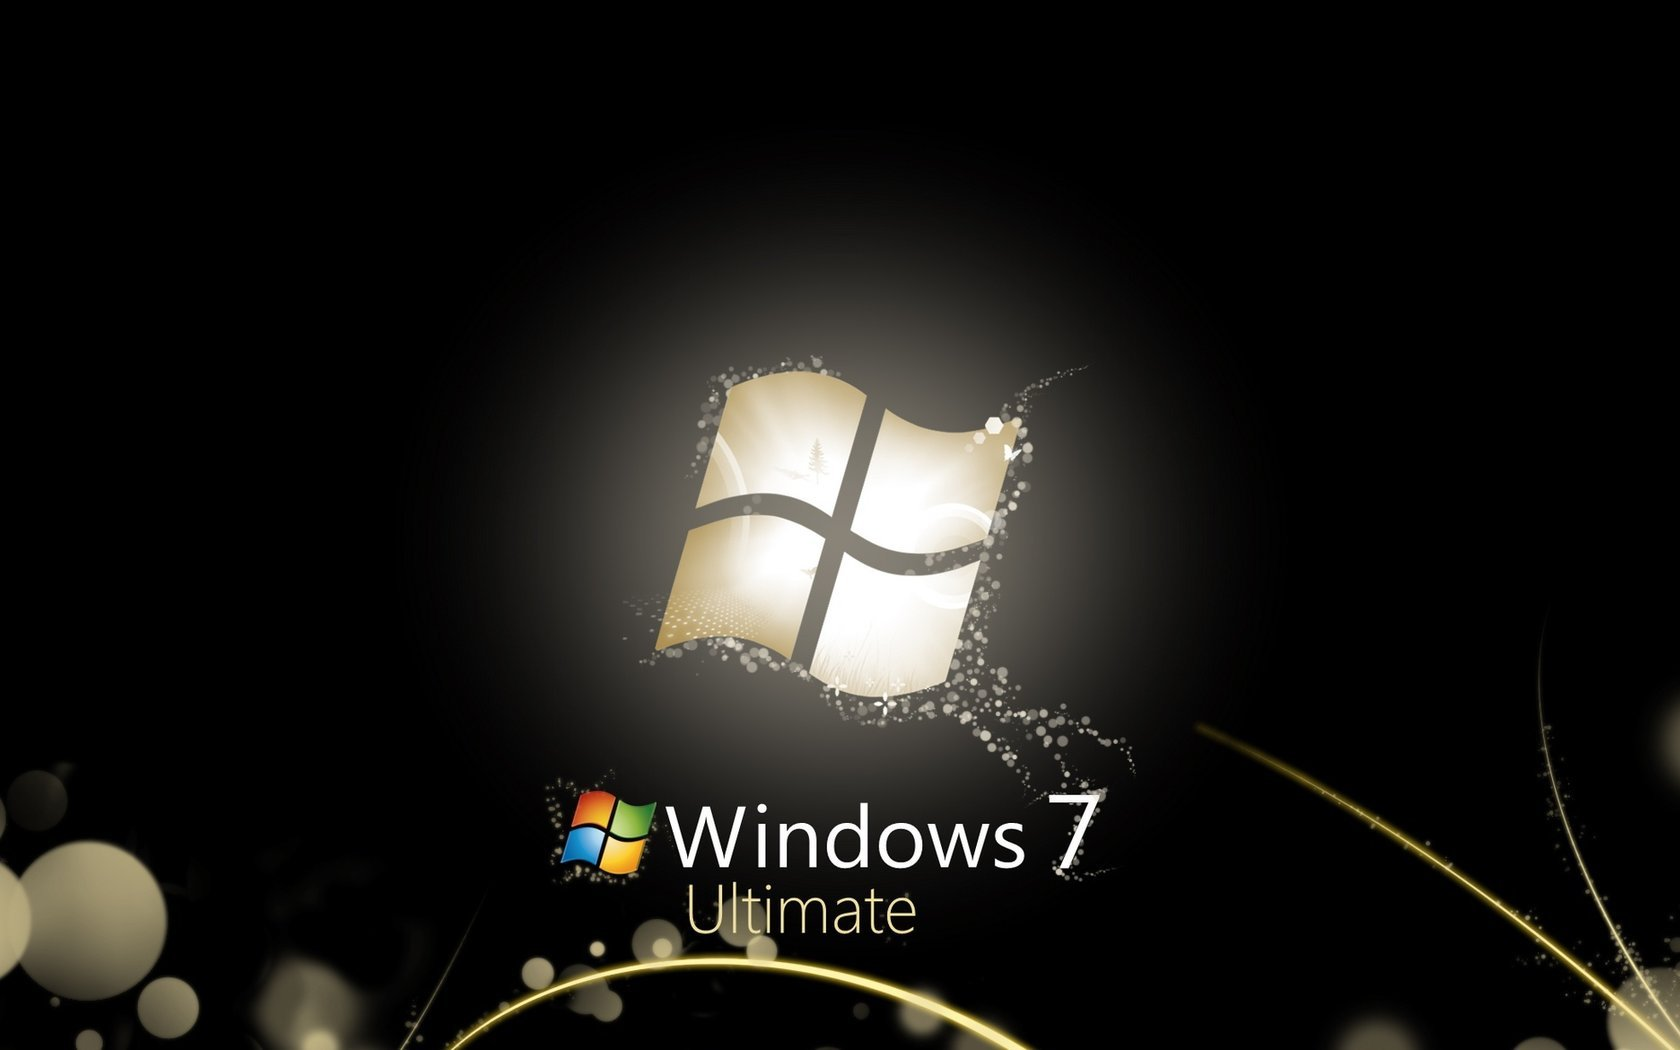 17318 Заставки и Обои Бренды на телефон. Скачать Windows, Бренды, Логотипы, Фон картинки бесплатно